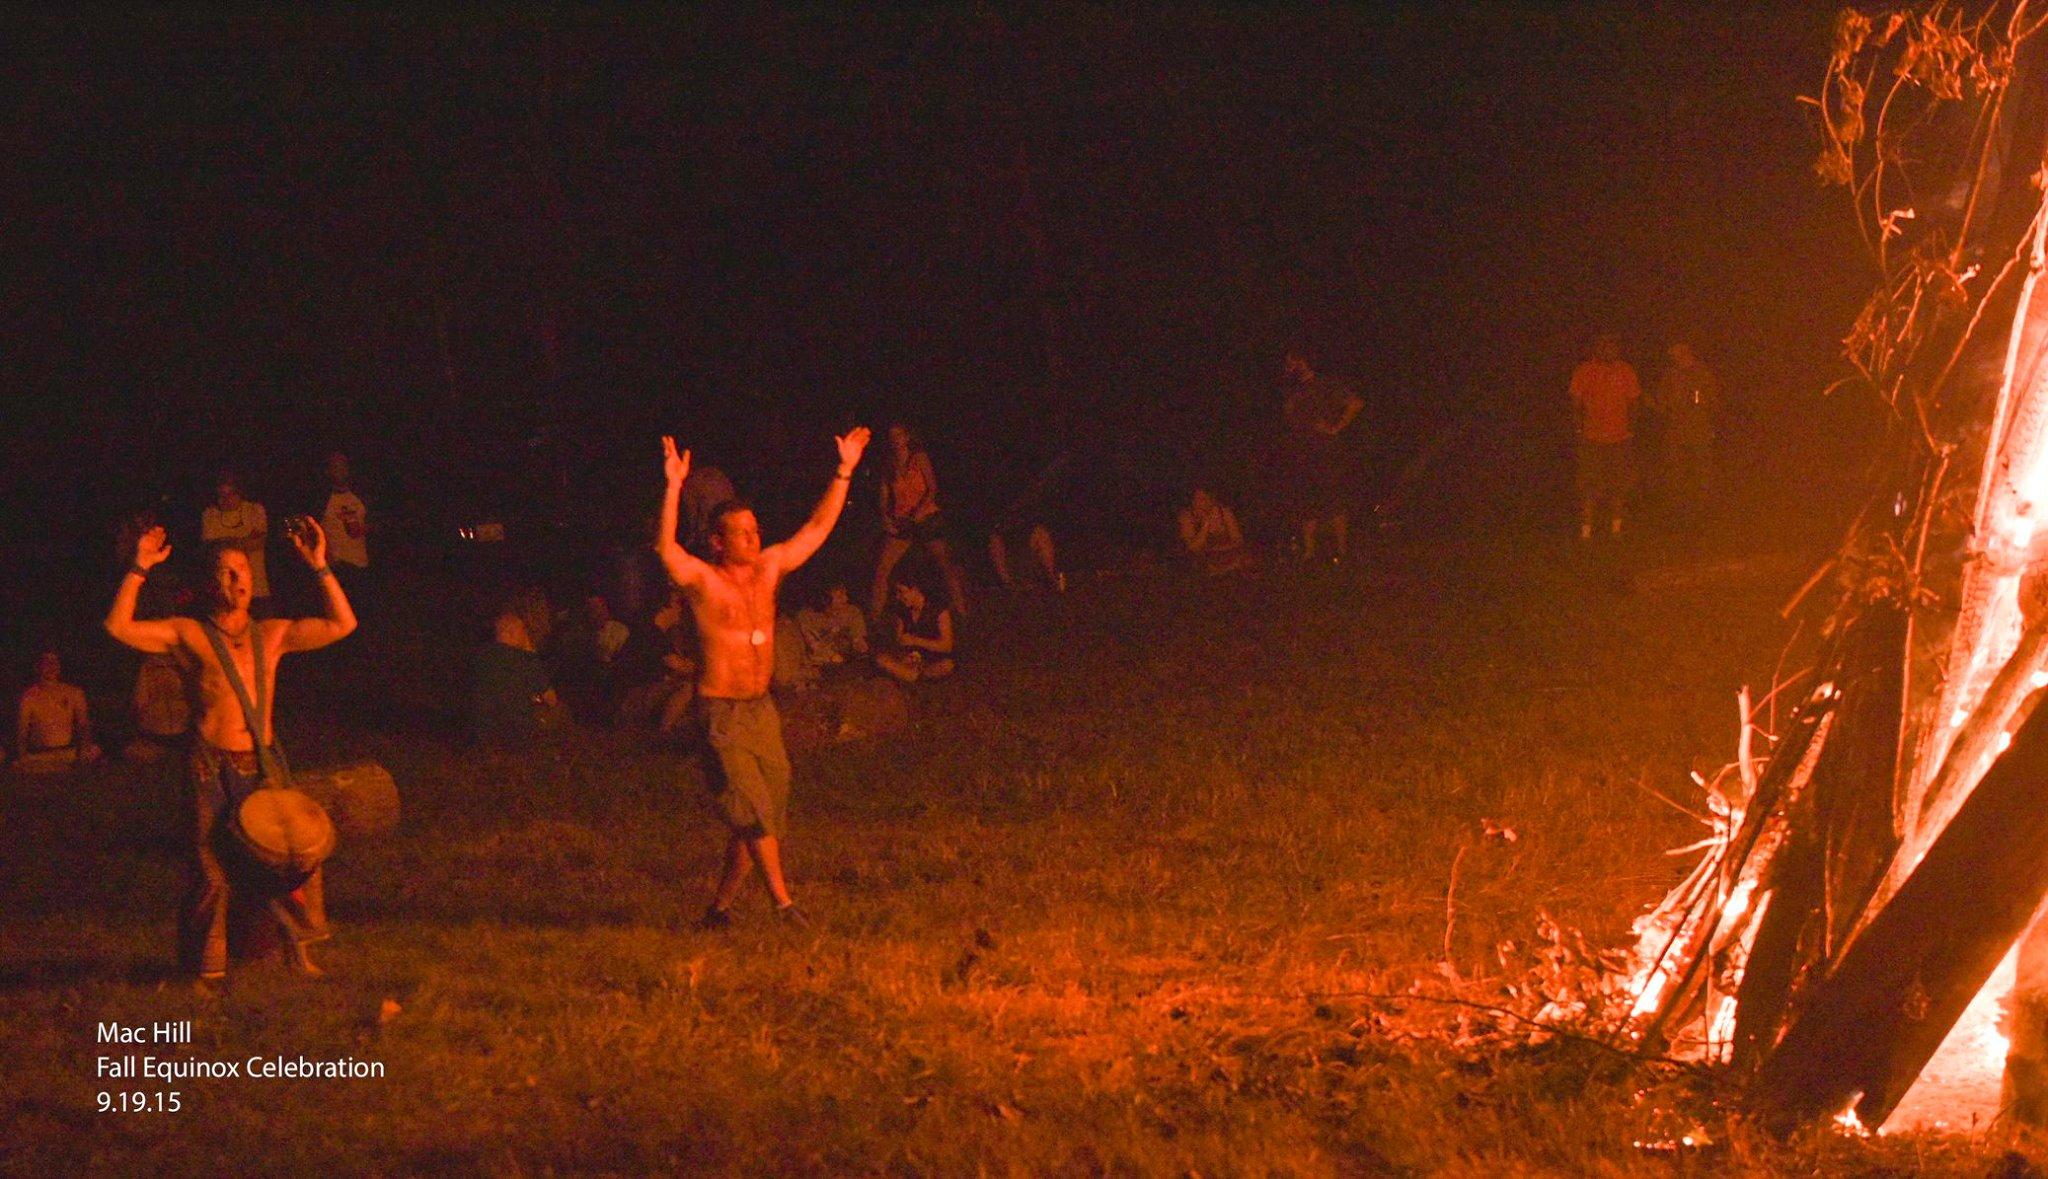 bonfire fe 2015 by mac hill